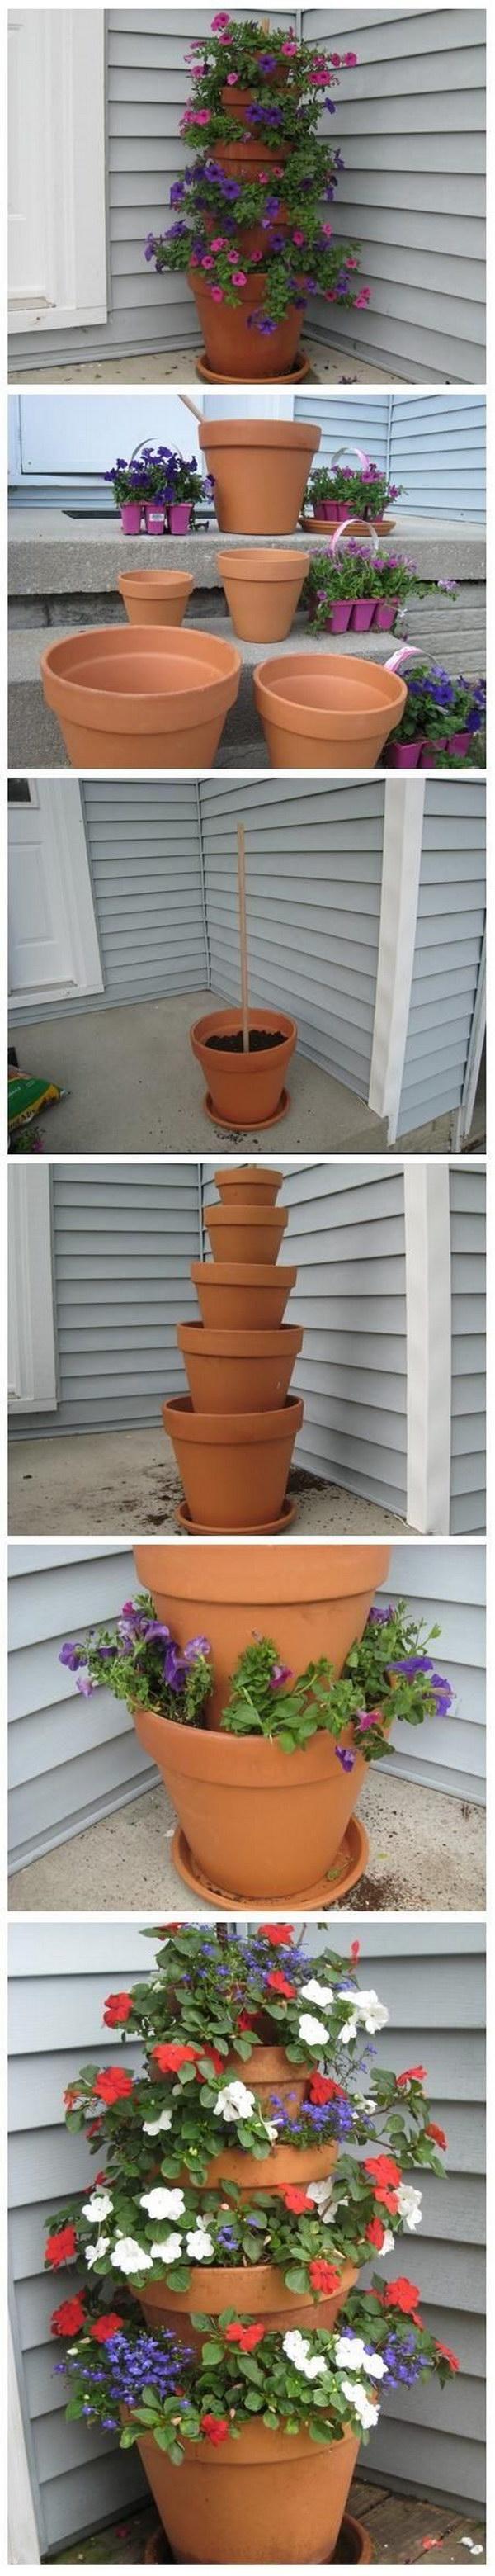 DIY Terra Cotta Pot Flower Tower Garden